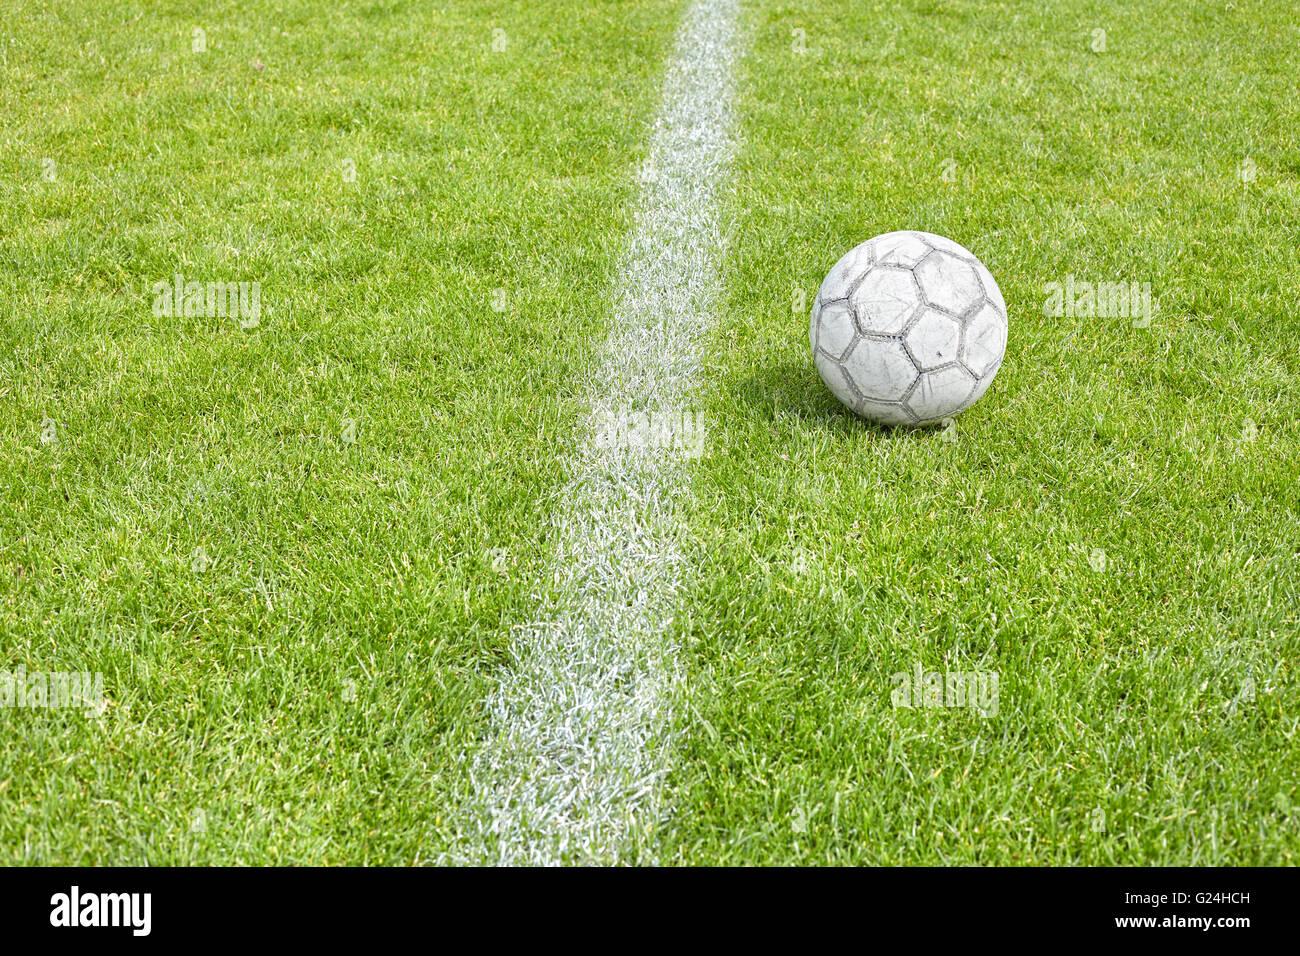 Ballon de soccer utilisé sur l'herbe par un à-côté, de l'espace pour texte, faible profondeur Photo Stock